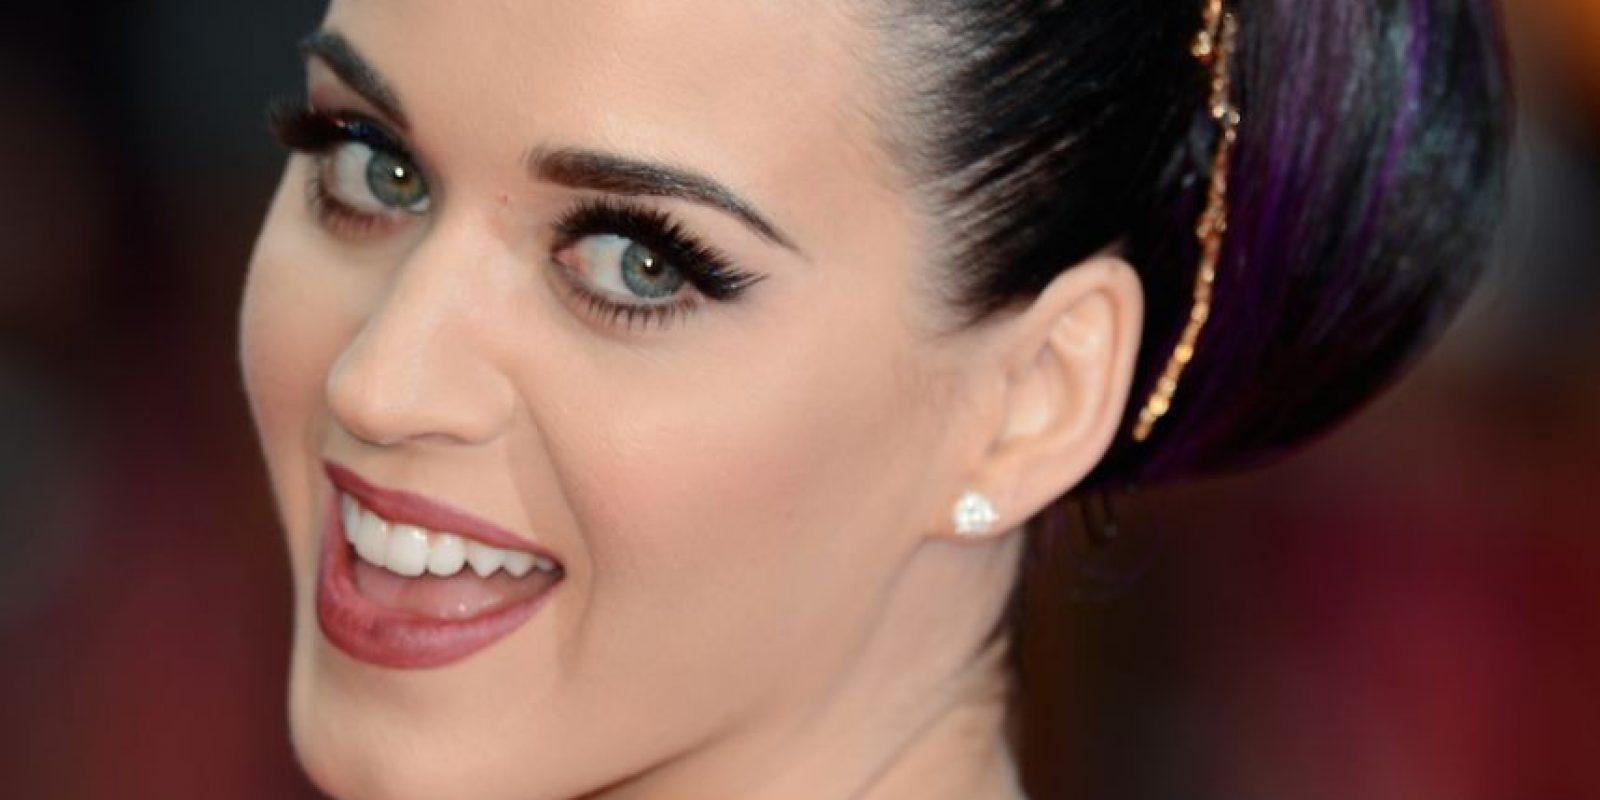 Katy es una cantante estadounidense de 30 años de edad que tiene el récord, junto a Björk, de más nominaciones a los premios Grammy sin haberlo ganado (13 en total). Foto:Getty Images